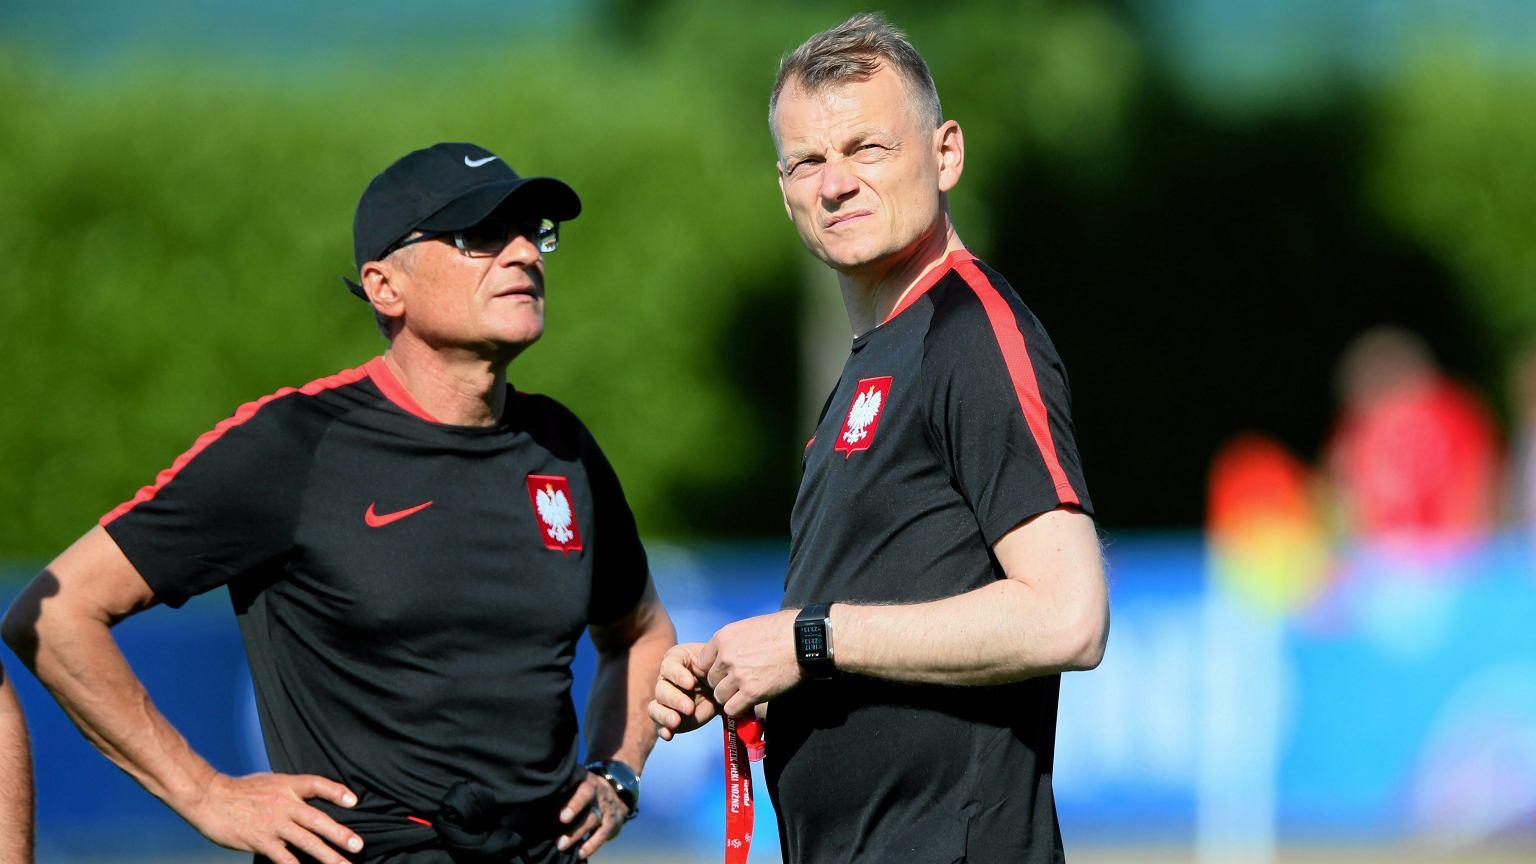 Sensacyjny kandydat na nowego trenera Widzewa Łódź! Klub szykuje rewolucję Piłka nożna - Sport.pl